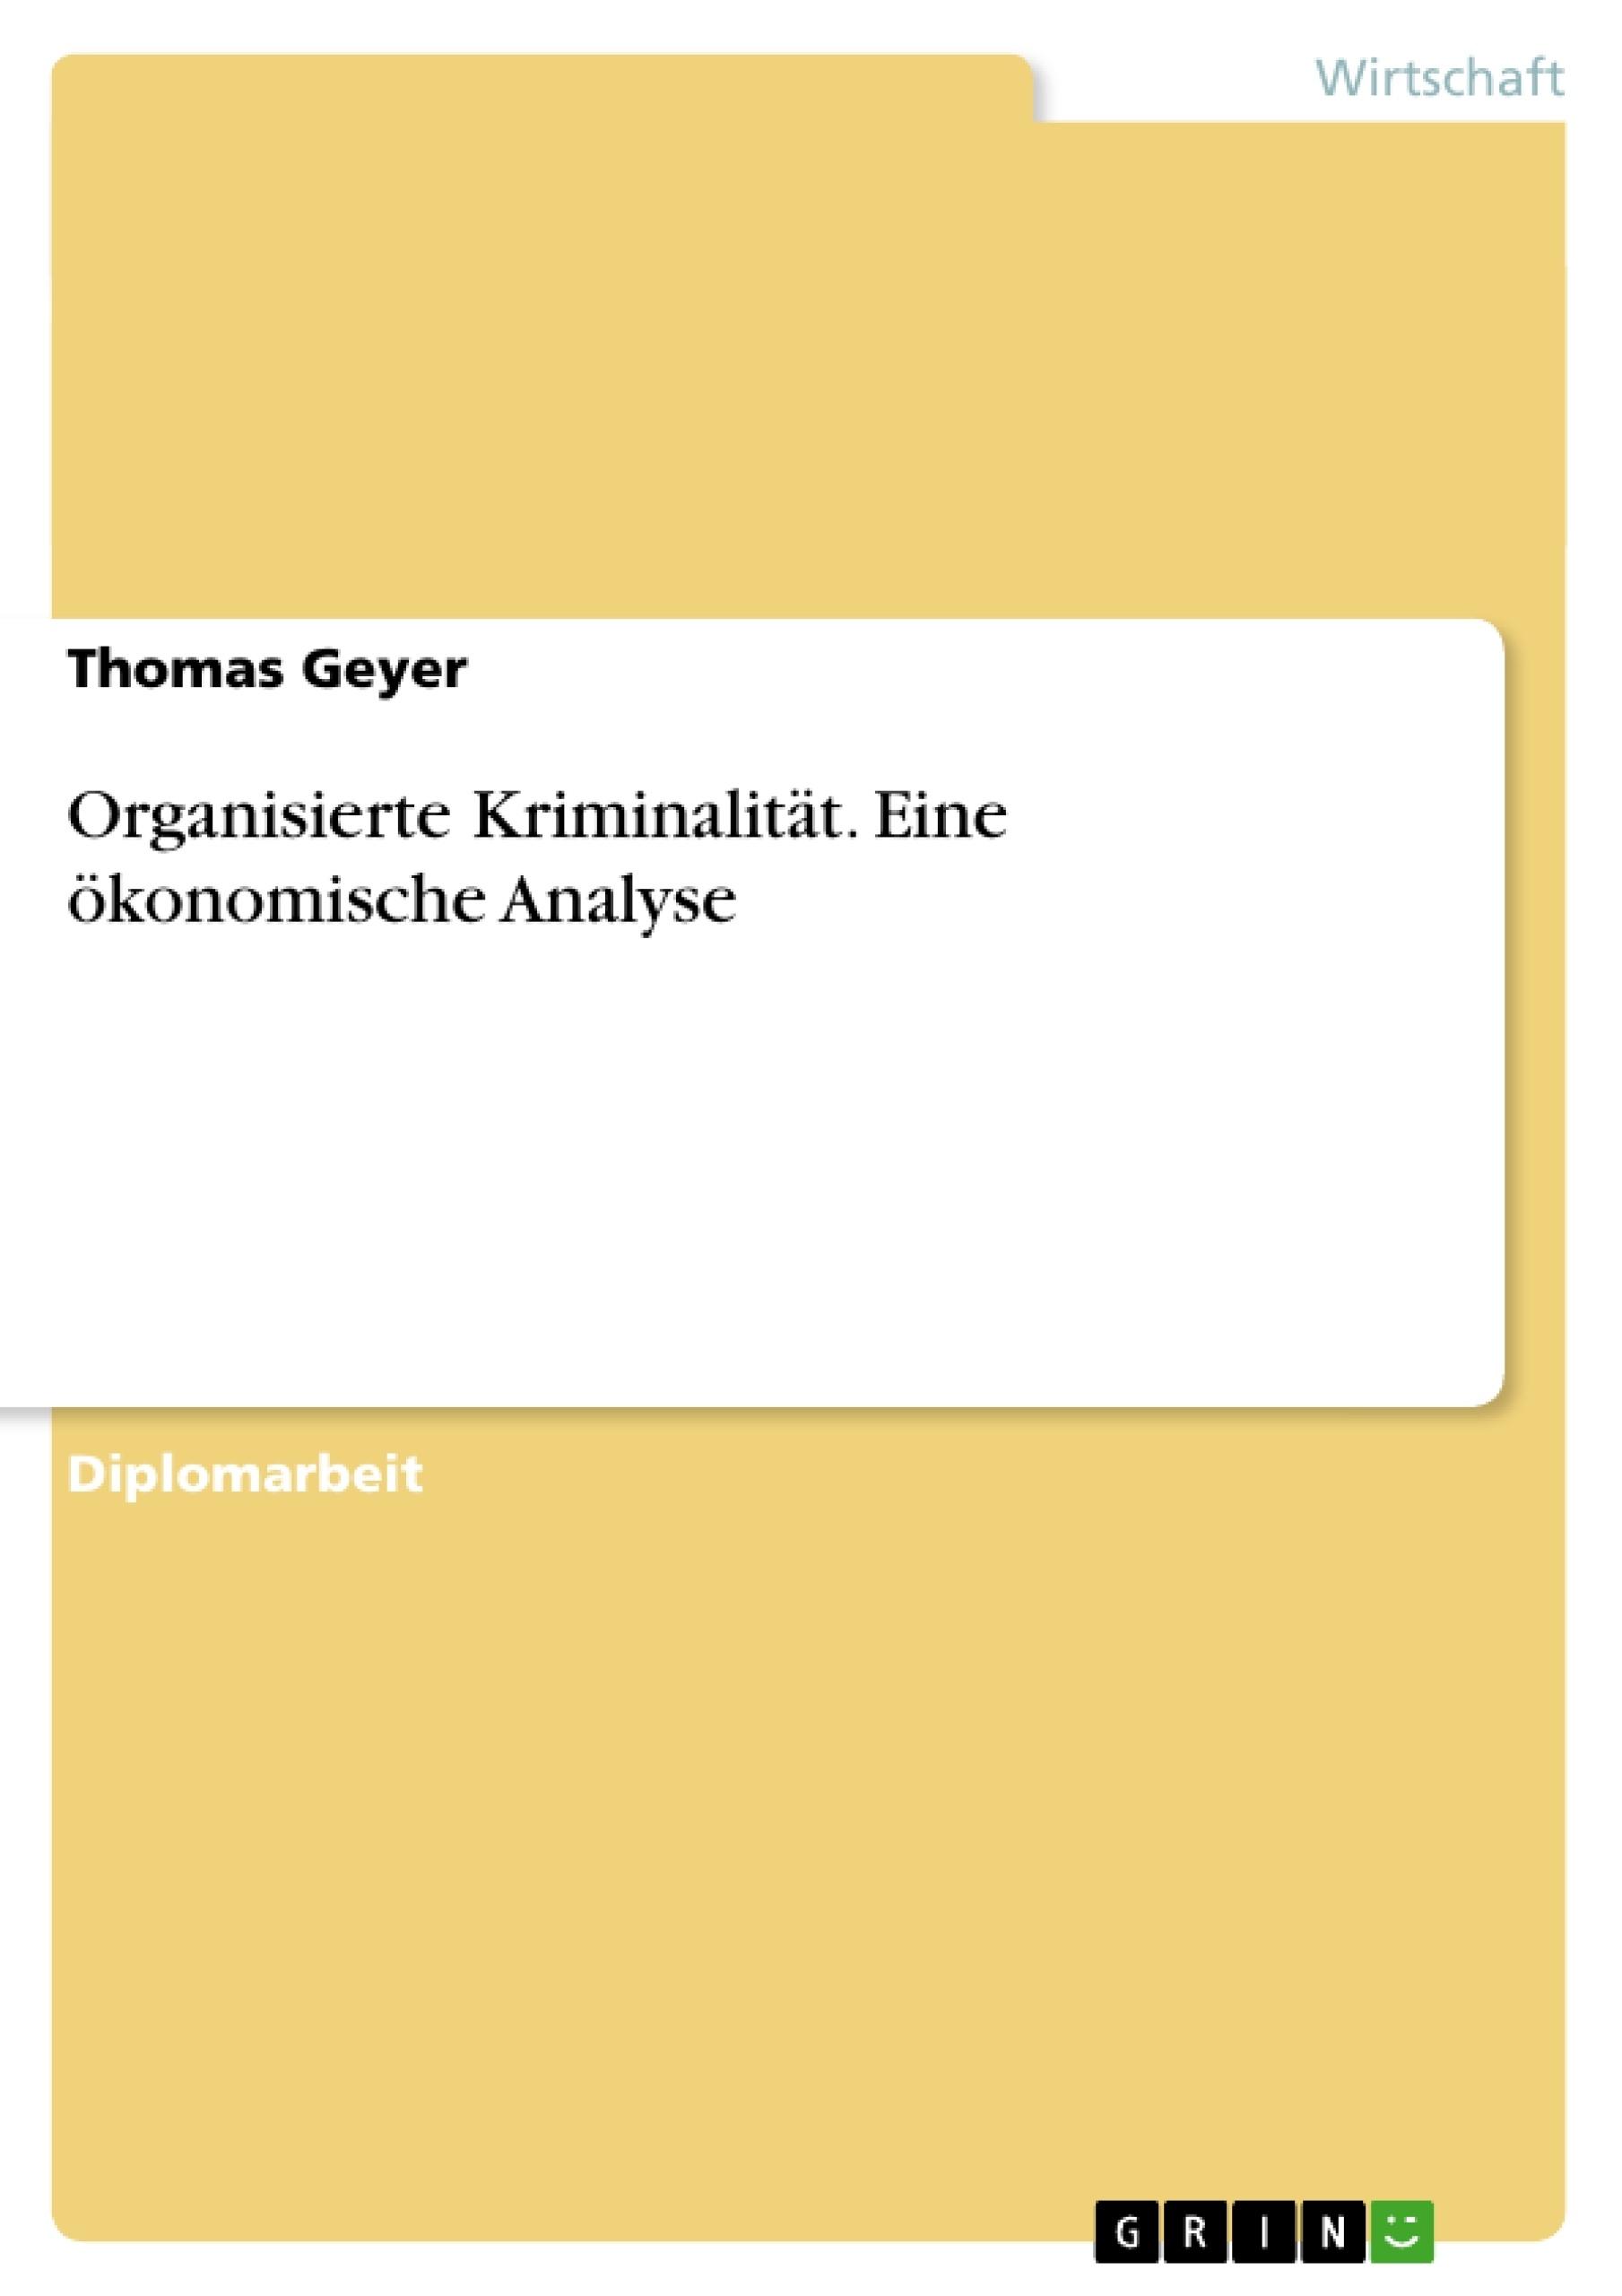 Titel: Organisierte Kriminalität. Eine ökonomische Analyse